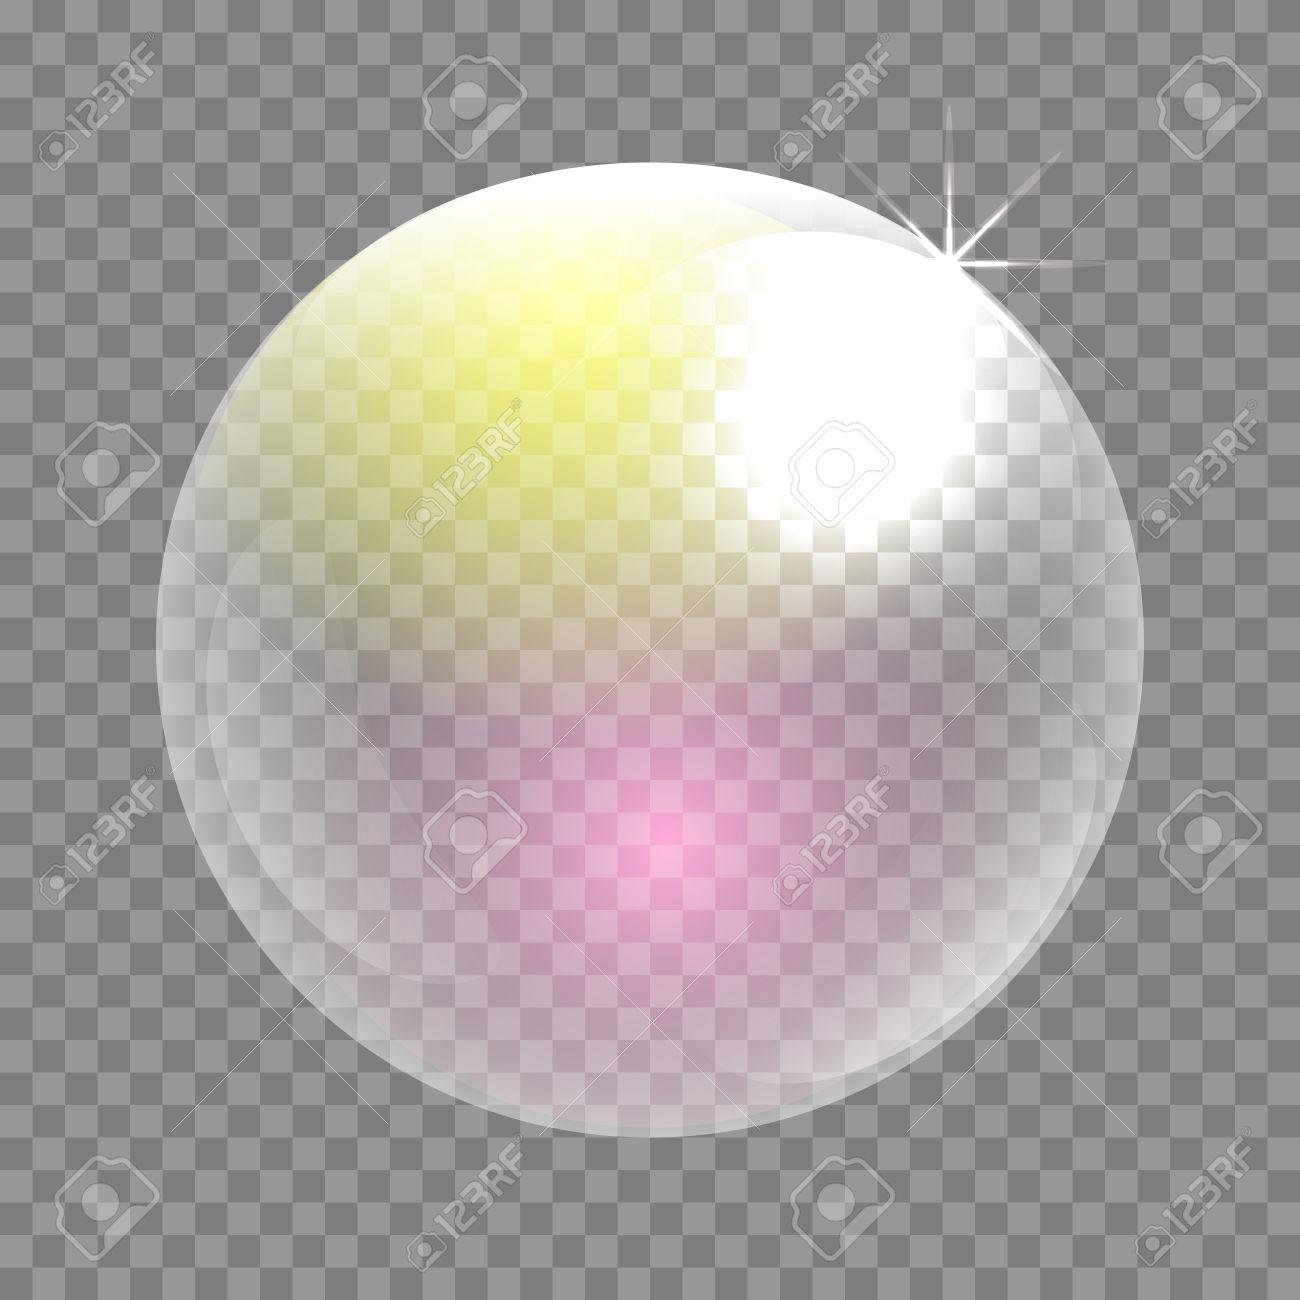 Transparent Soap Bubble Vector Clip Art. Iridescent Bubble Sphere.